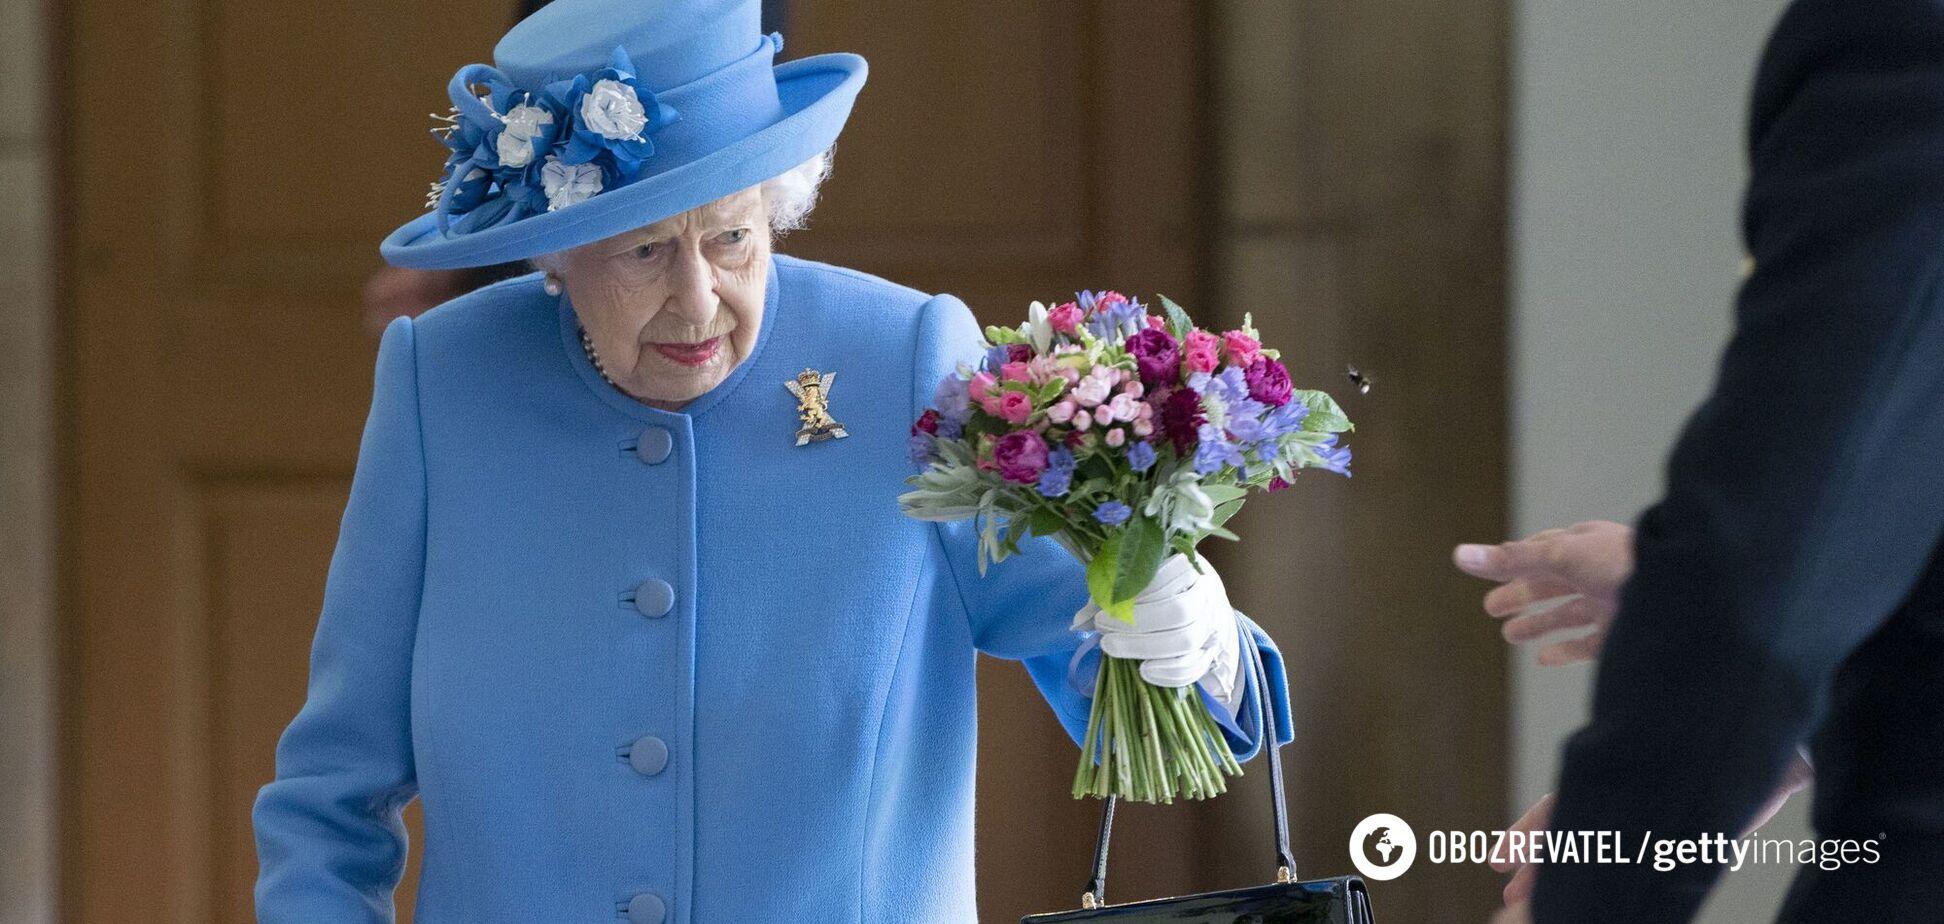 Єлизавета II прийшла на зустріч у яскраво-синьому пальті. Фото